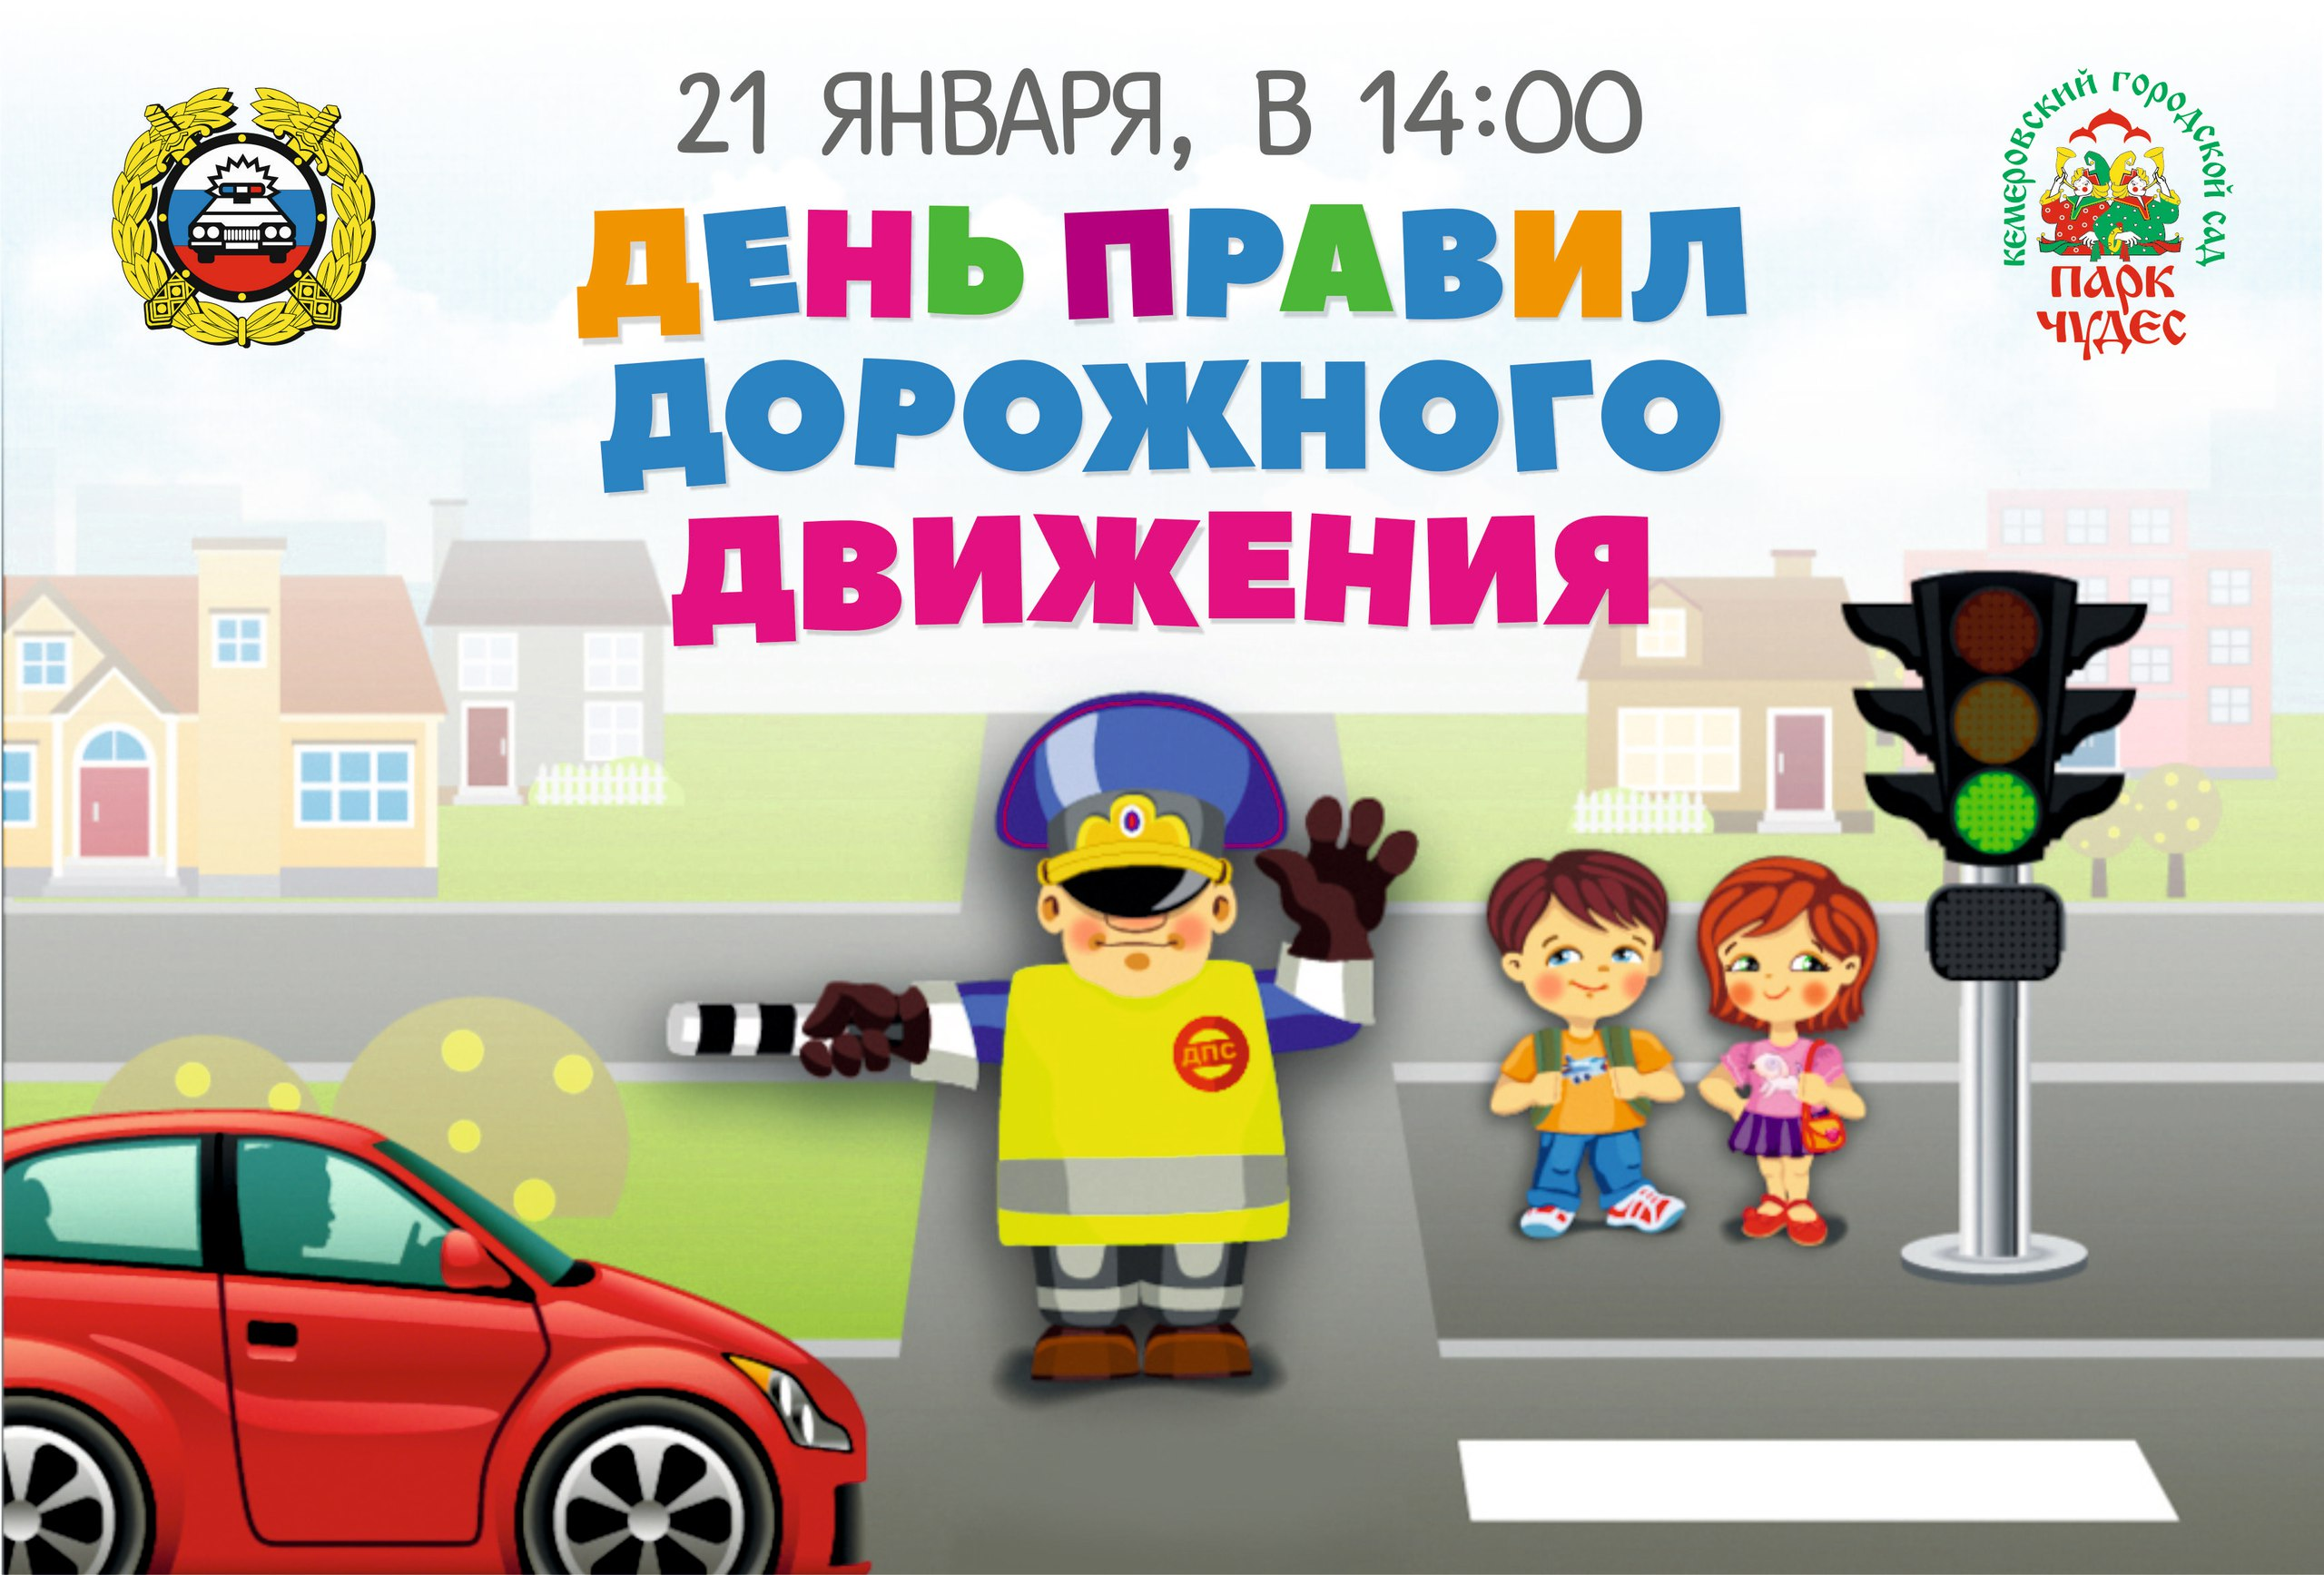 Открытки правила дорожного движения